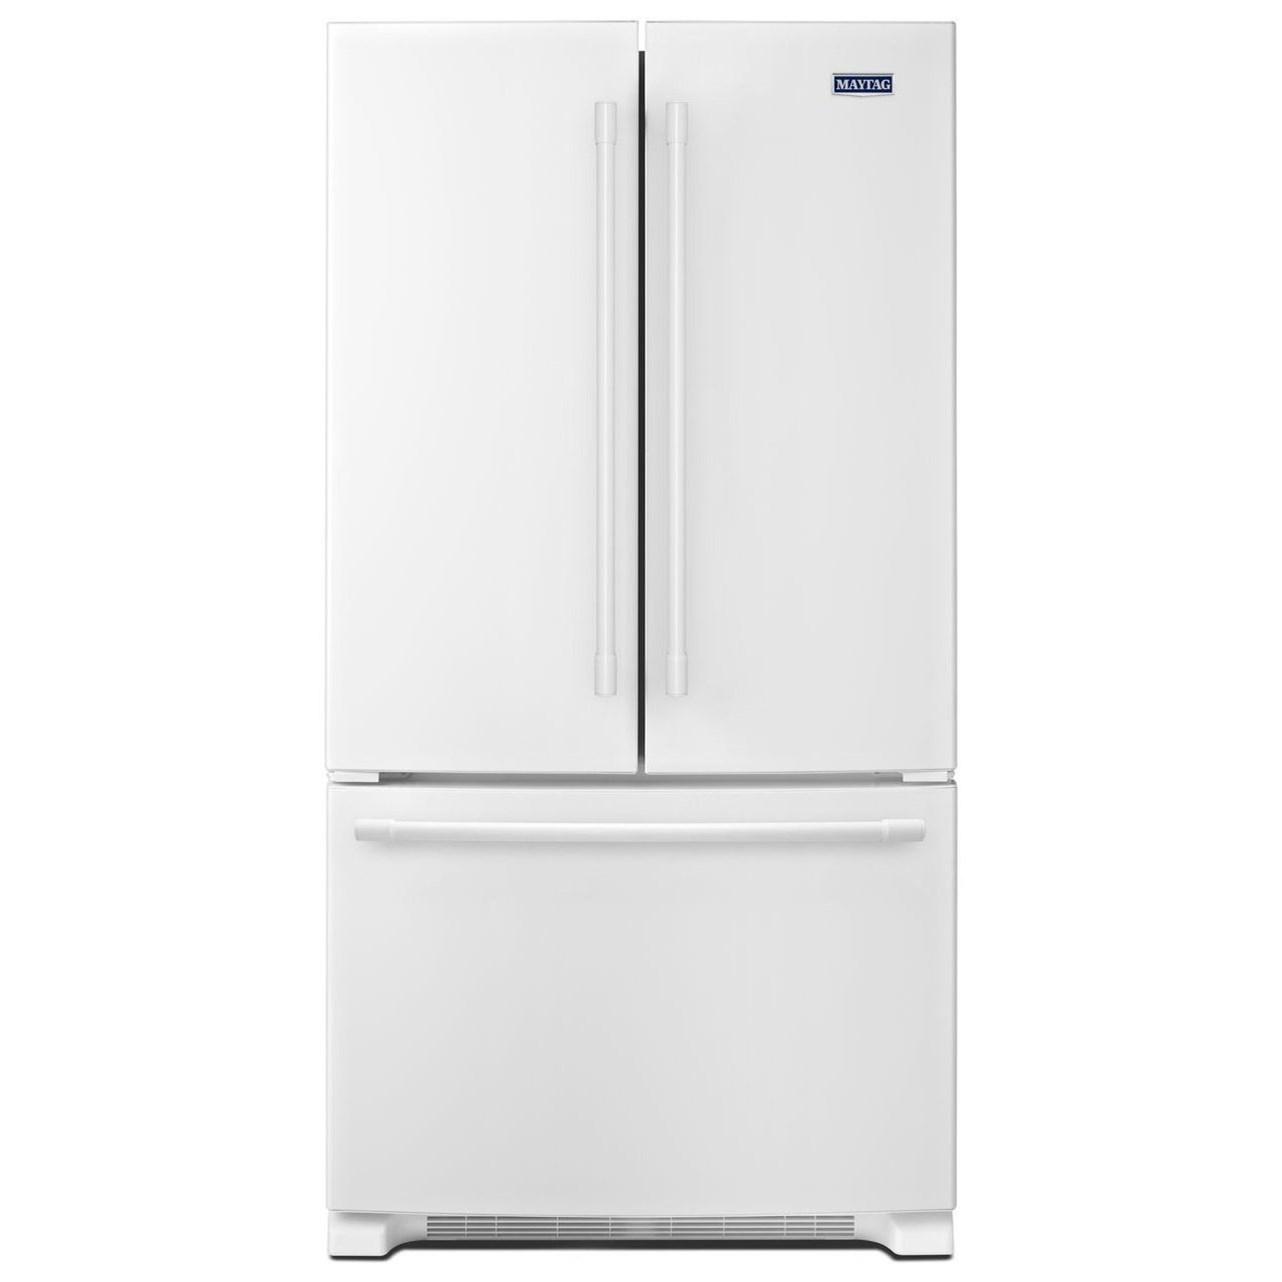 Beau Maytag Maytag French Door Refrigerators 36 Inch Wide French Door  Refrigerator   25 Cu.